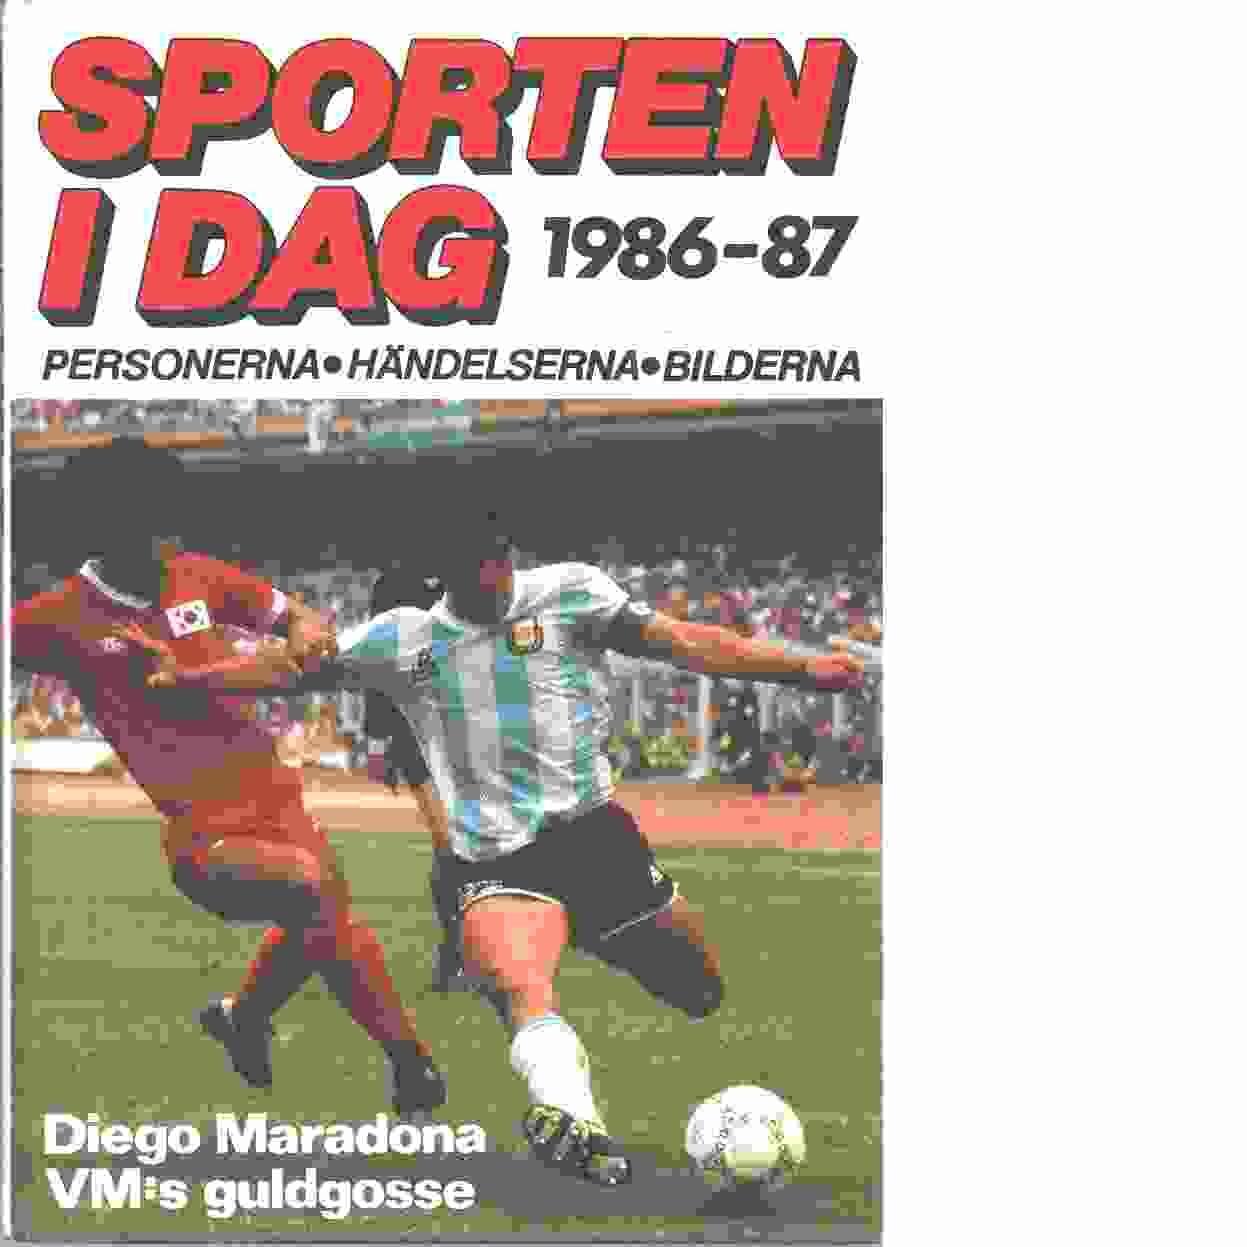 Sporten idag  1986-87 - Red,